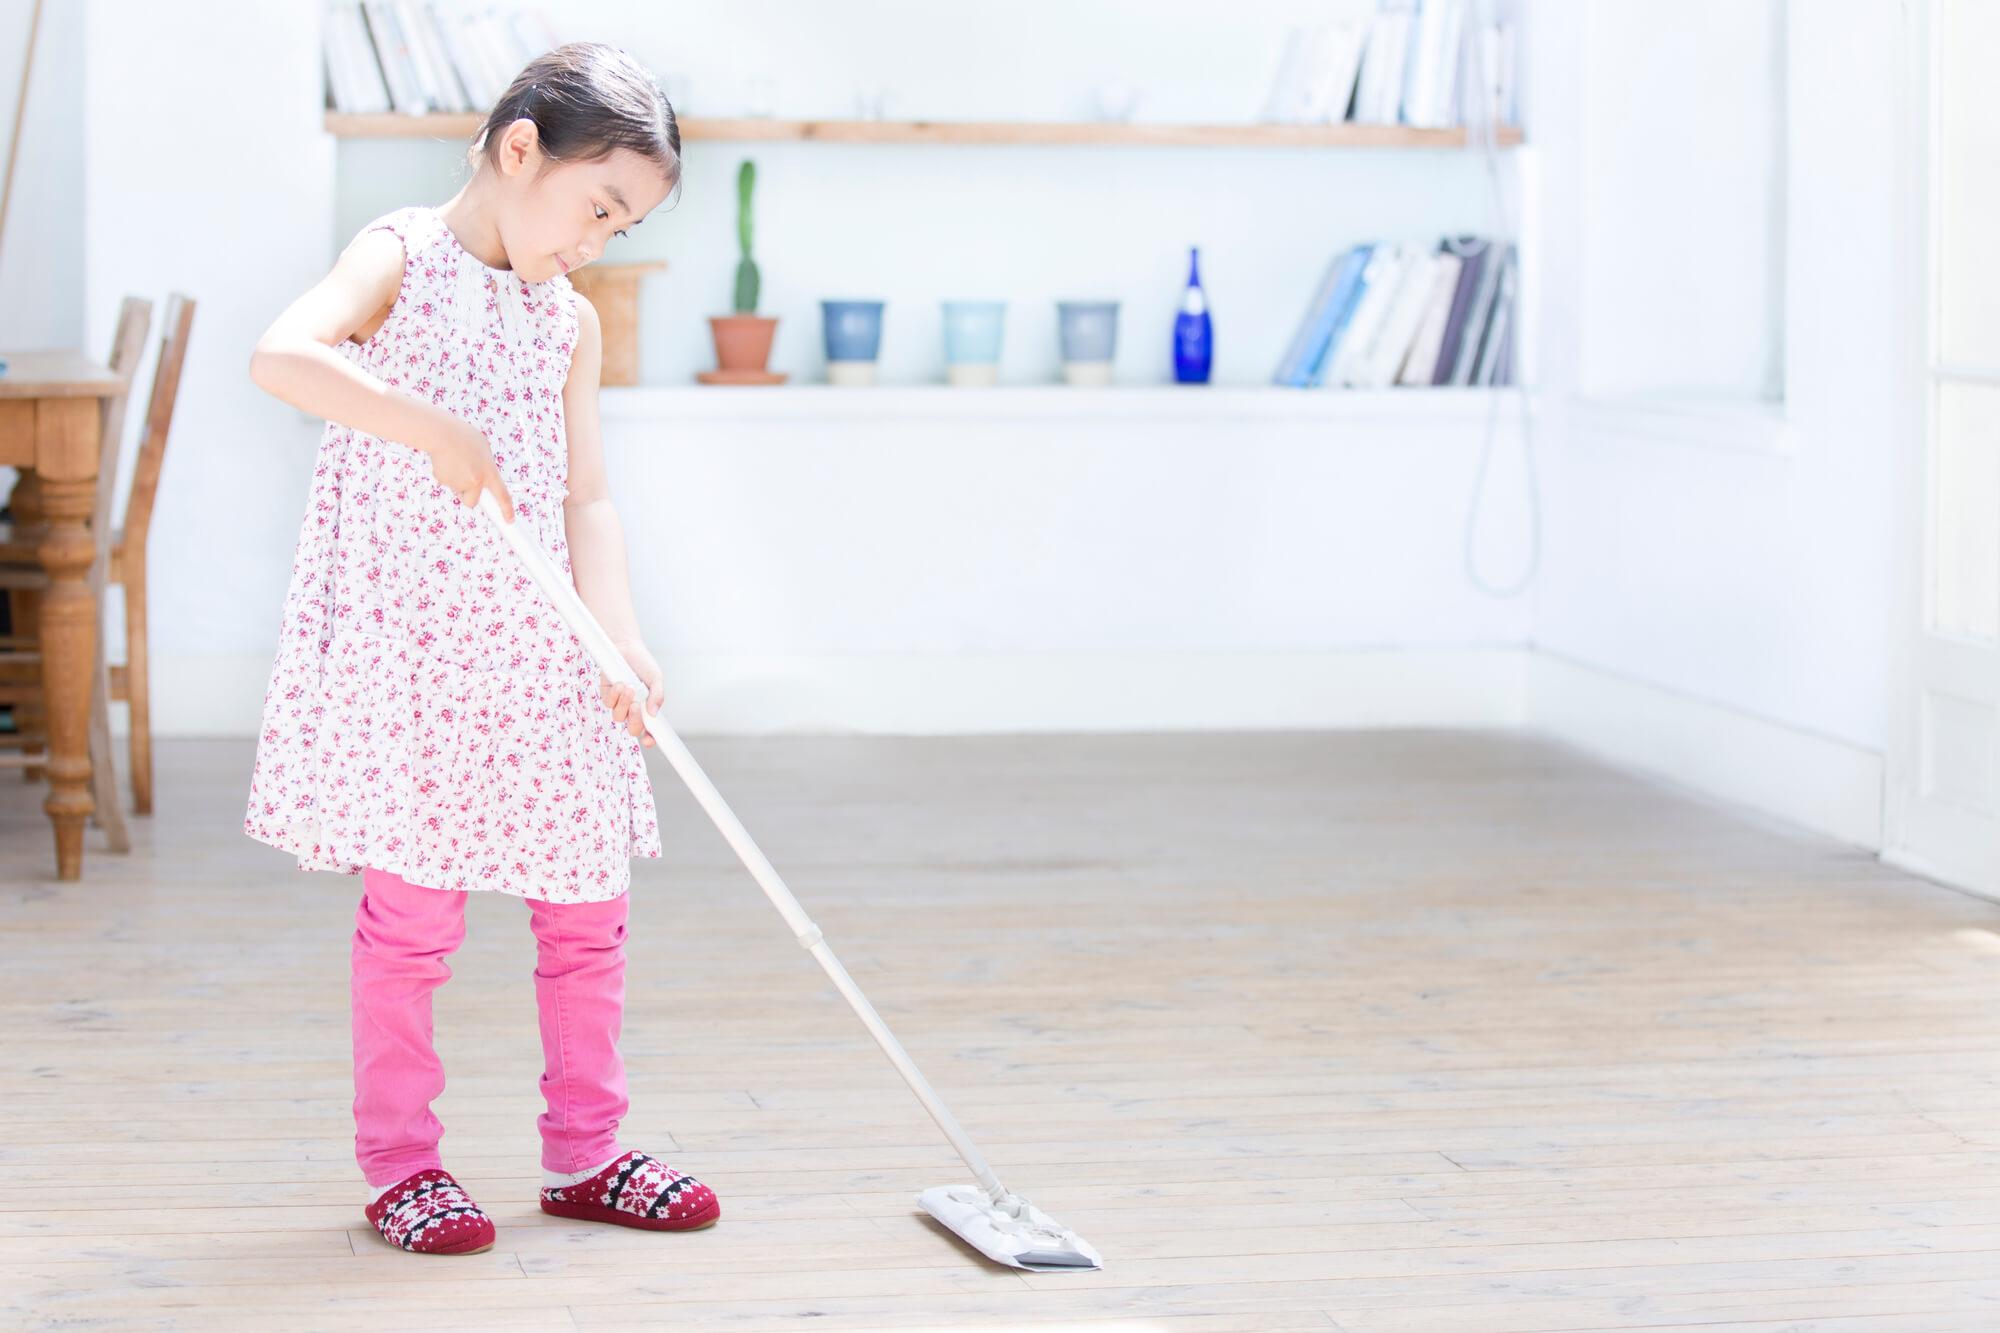 掃除する子ども